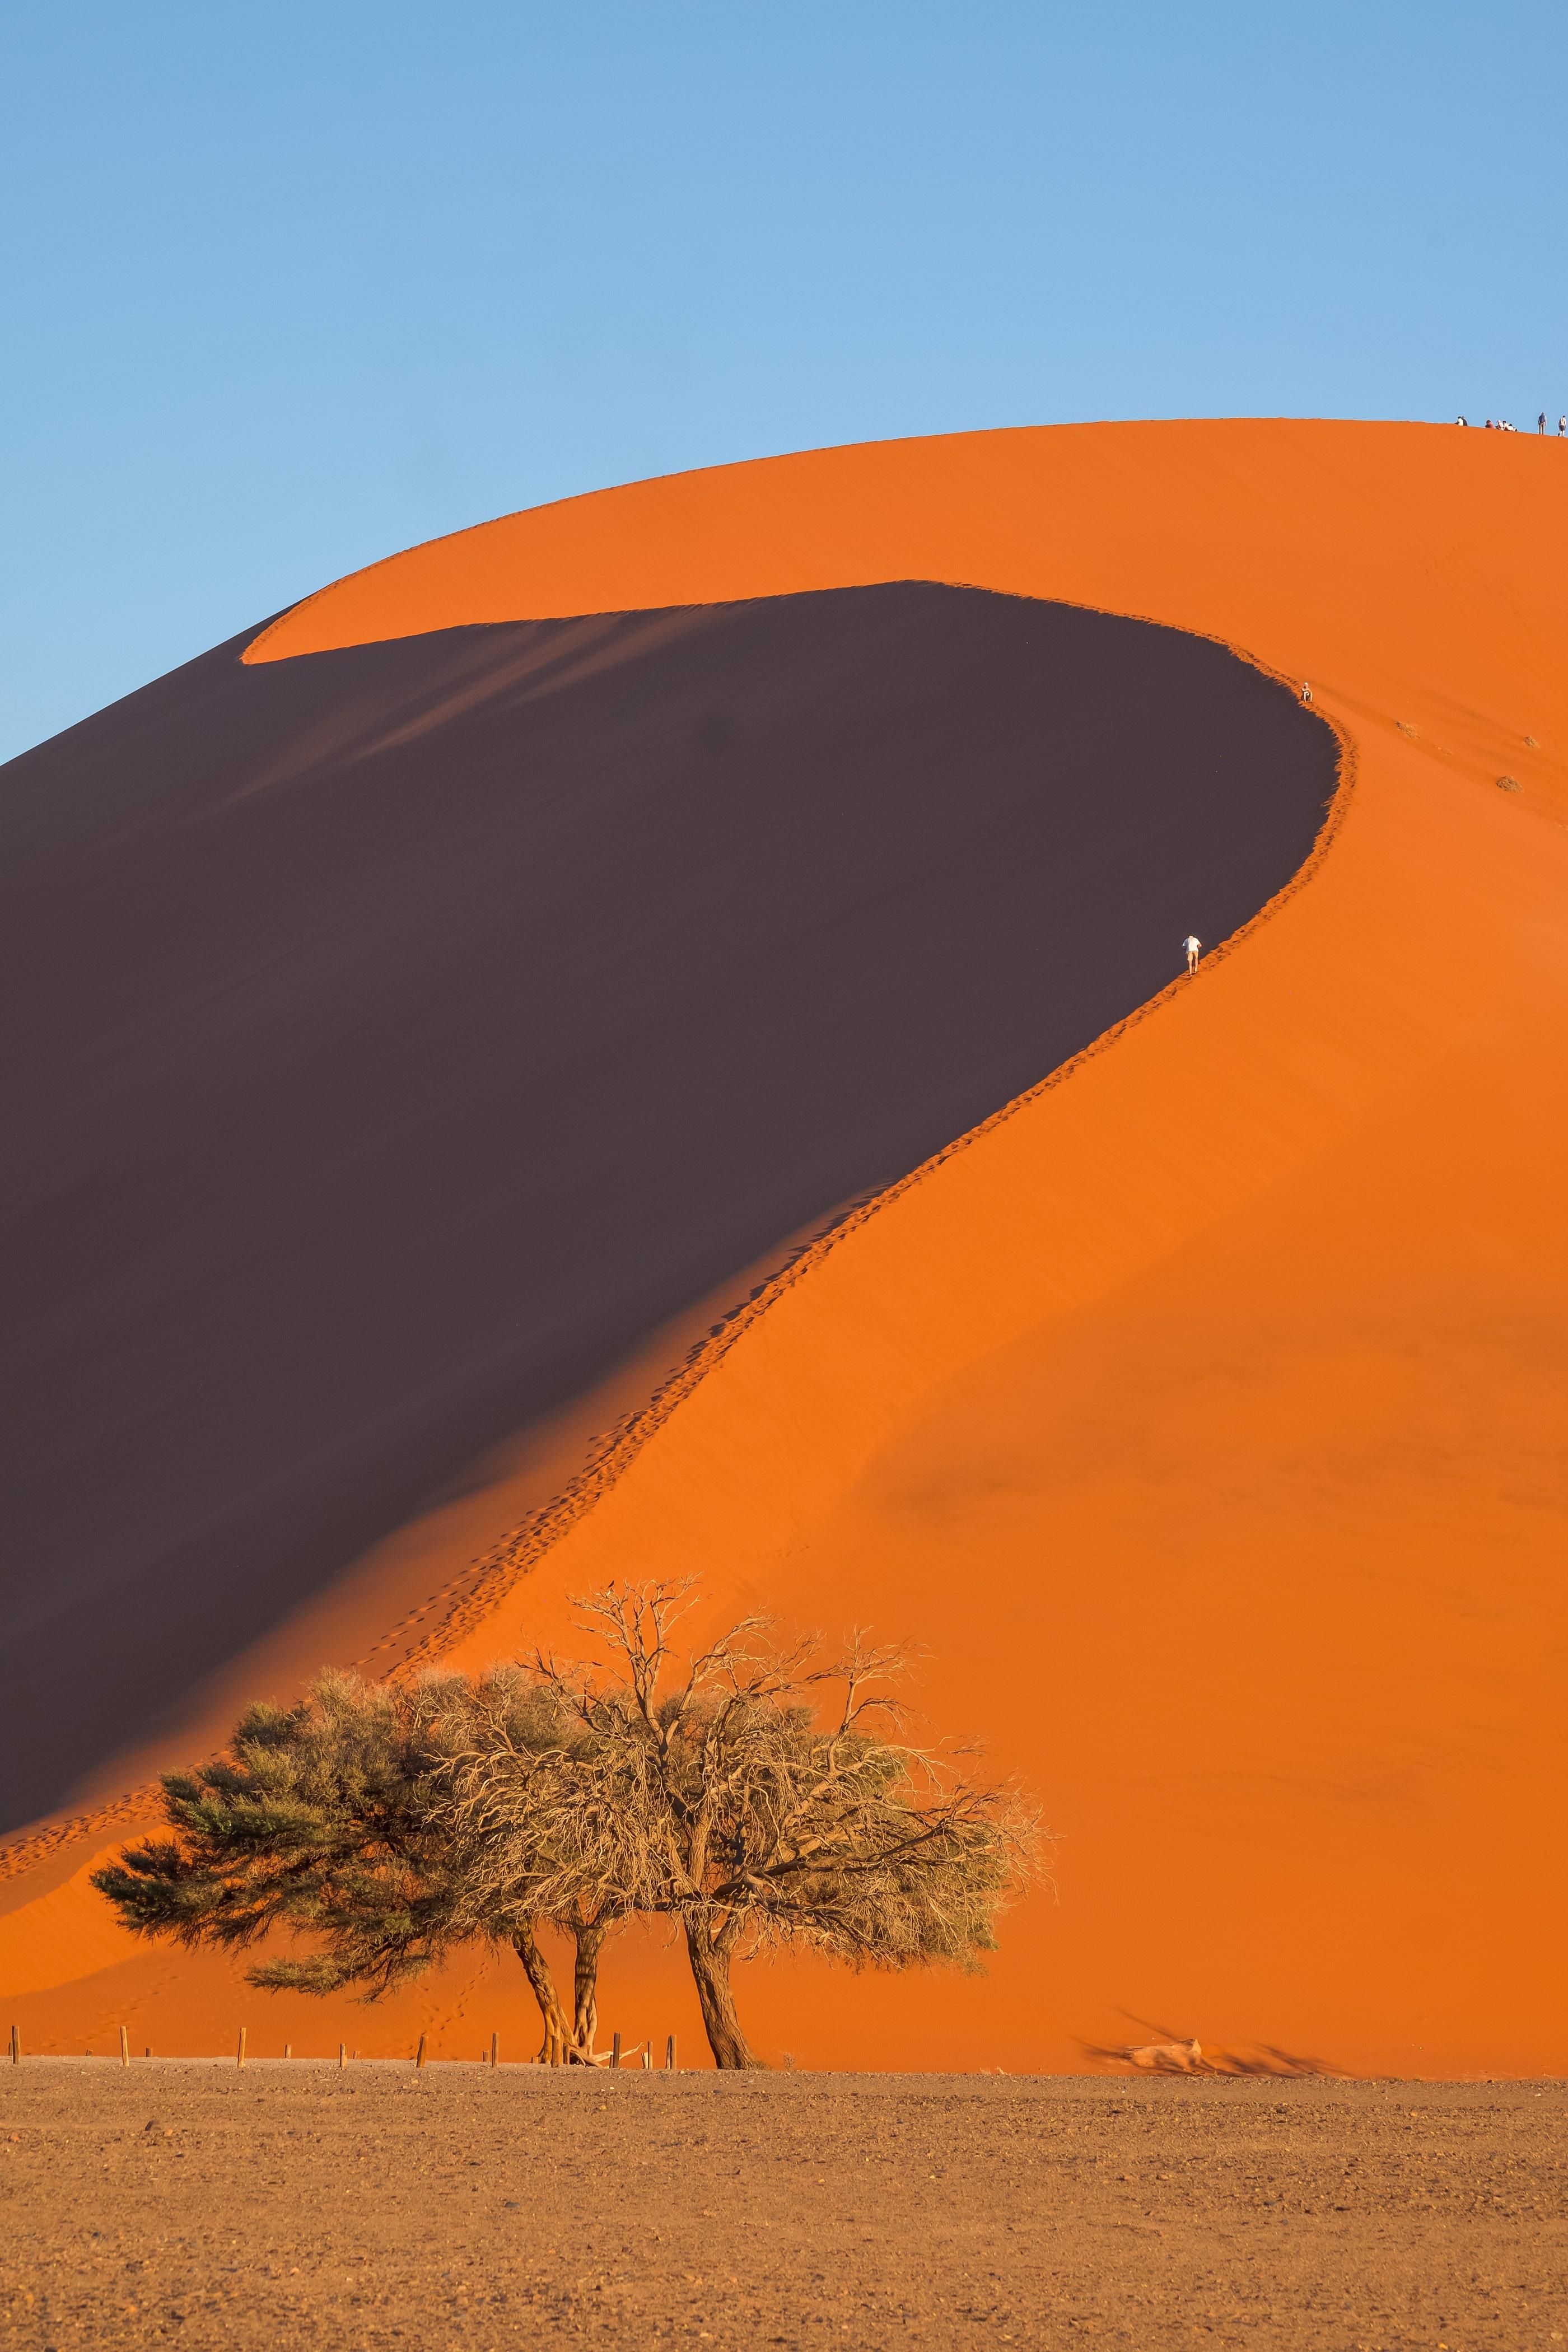 Namibia - den tham thung lung chet, thanh pho ma va dieu khong tuong hinh anh 39